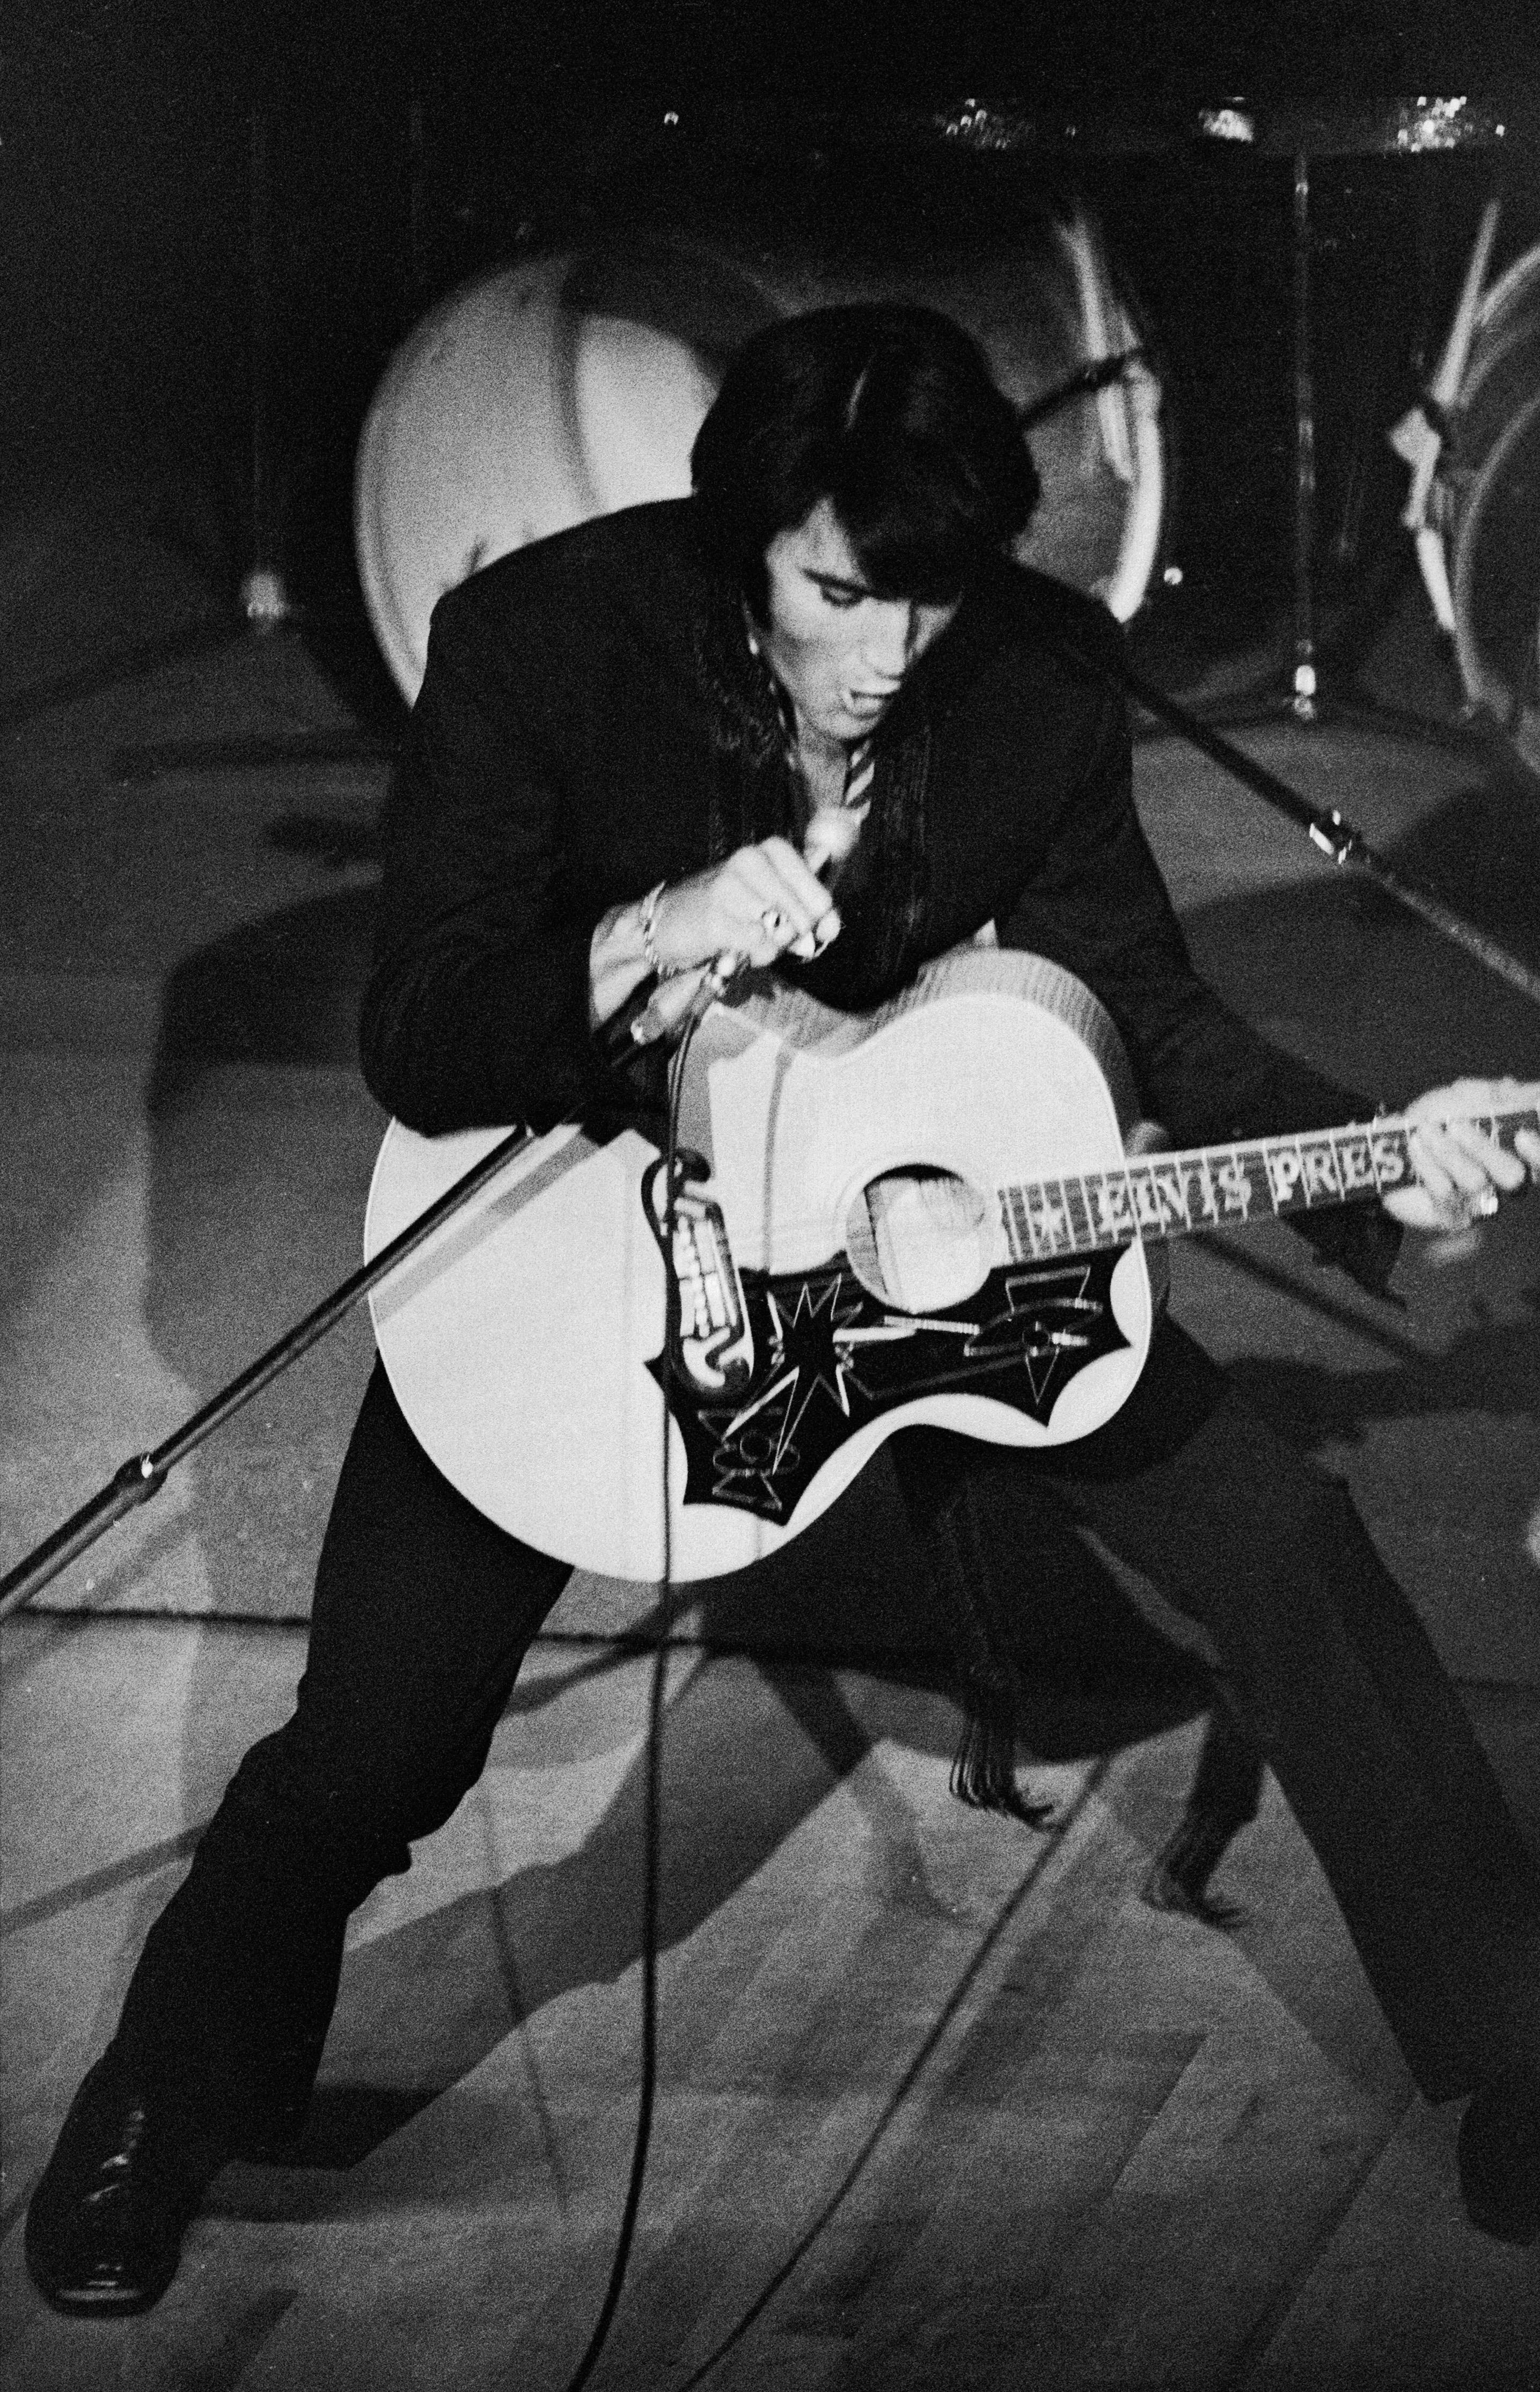 Elvis Presley in Las Vegas, 1969.